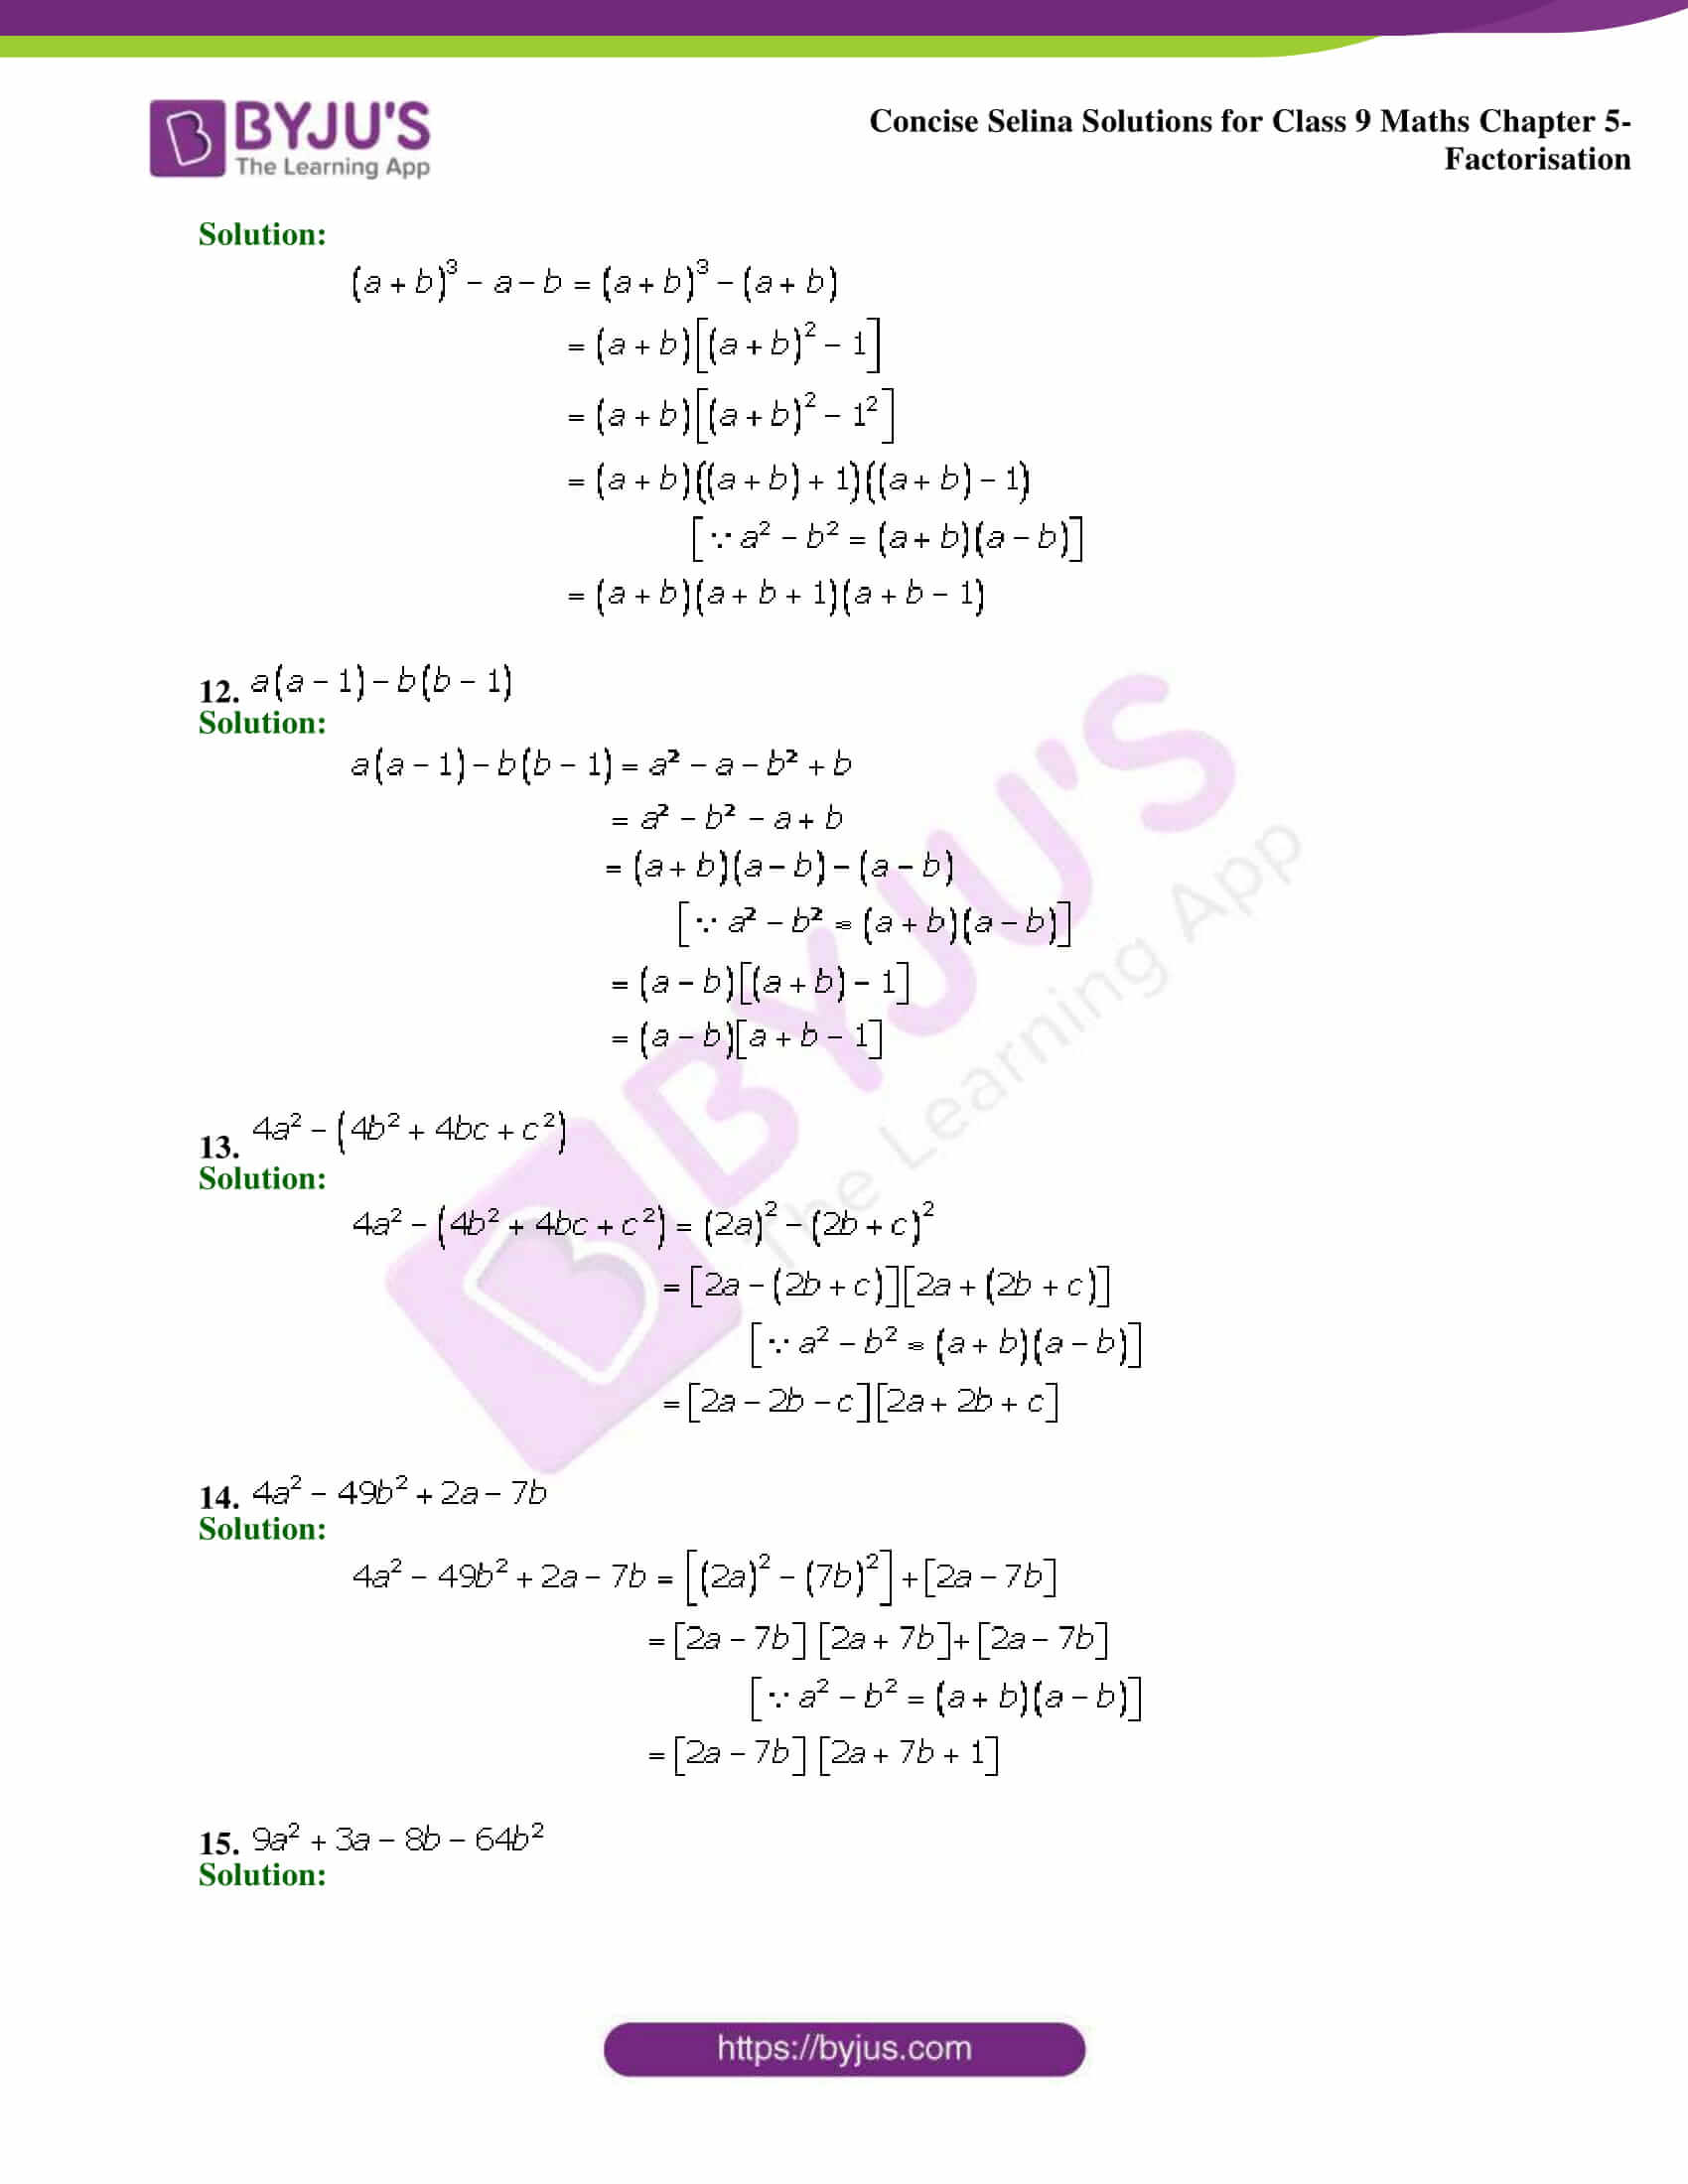 Selina Solutions Class 9 Maths Chapter 5 Factorisation part 14